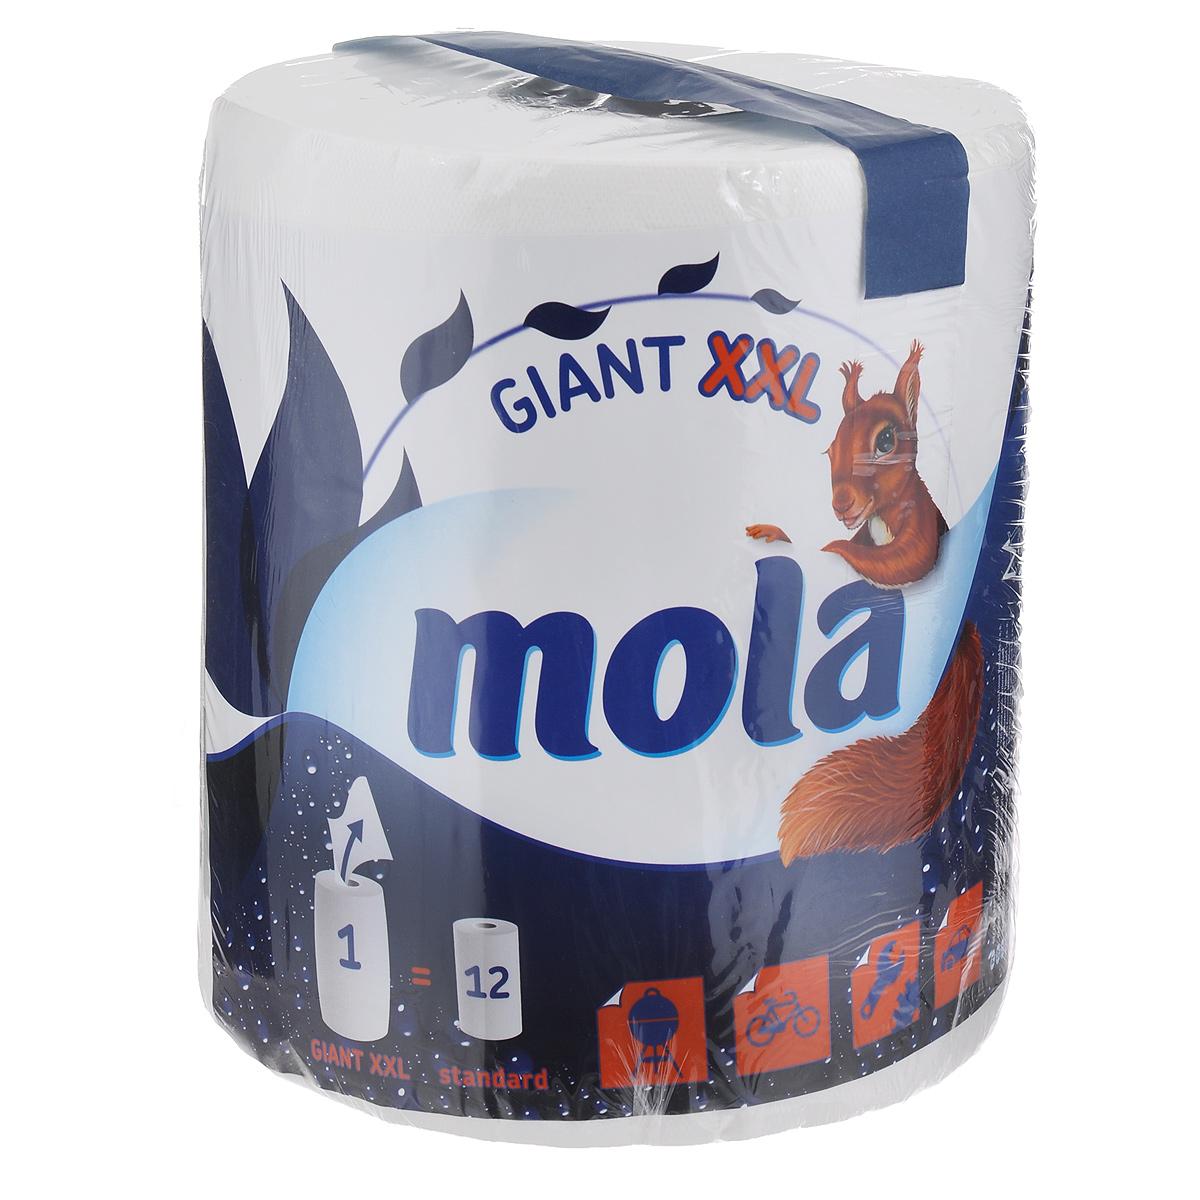 Полотенца бумажные Mola Giant, двухслойные, цвет: белый, 1 рулон2775Двухслойные бумажные полотенца Mola, выполненные из 100% целлюлозы, подарят превосходный комфорт и ощущение чистоты и свежести. Бумажные полотенца Mola - это незаменимый атрибут чистой кухни. Они просты в использовании, их не надо стирать и просто утилизировать. Специальное тиснение улучшает способность материала впитывать влагу, что позволяет полотенцам еще лучше справляться со своей работой. Натуральные материалы, используемые при изготовлении продукции Mola, безопасны для людей, животных и окружающей среды, не вызывают раздражения и аллергии и не оставляют мелкой бумажной пыли. Классические бумажные полотенца Mola могут использоваться не только на кухне, но и для других целей, поскольку отлично вытирают руки и убирают грязь с самых разных поверхностей. Стол, пол, подоконник - все будет чистым и свежим, а полотенце просто отправится в ведро. Большой упаковки полотенец хватит надолго. Один рулон Mola Giant включает в себя 12 стандартных рулонов.Товар сертифицирован.